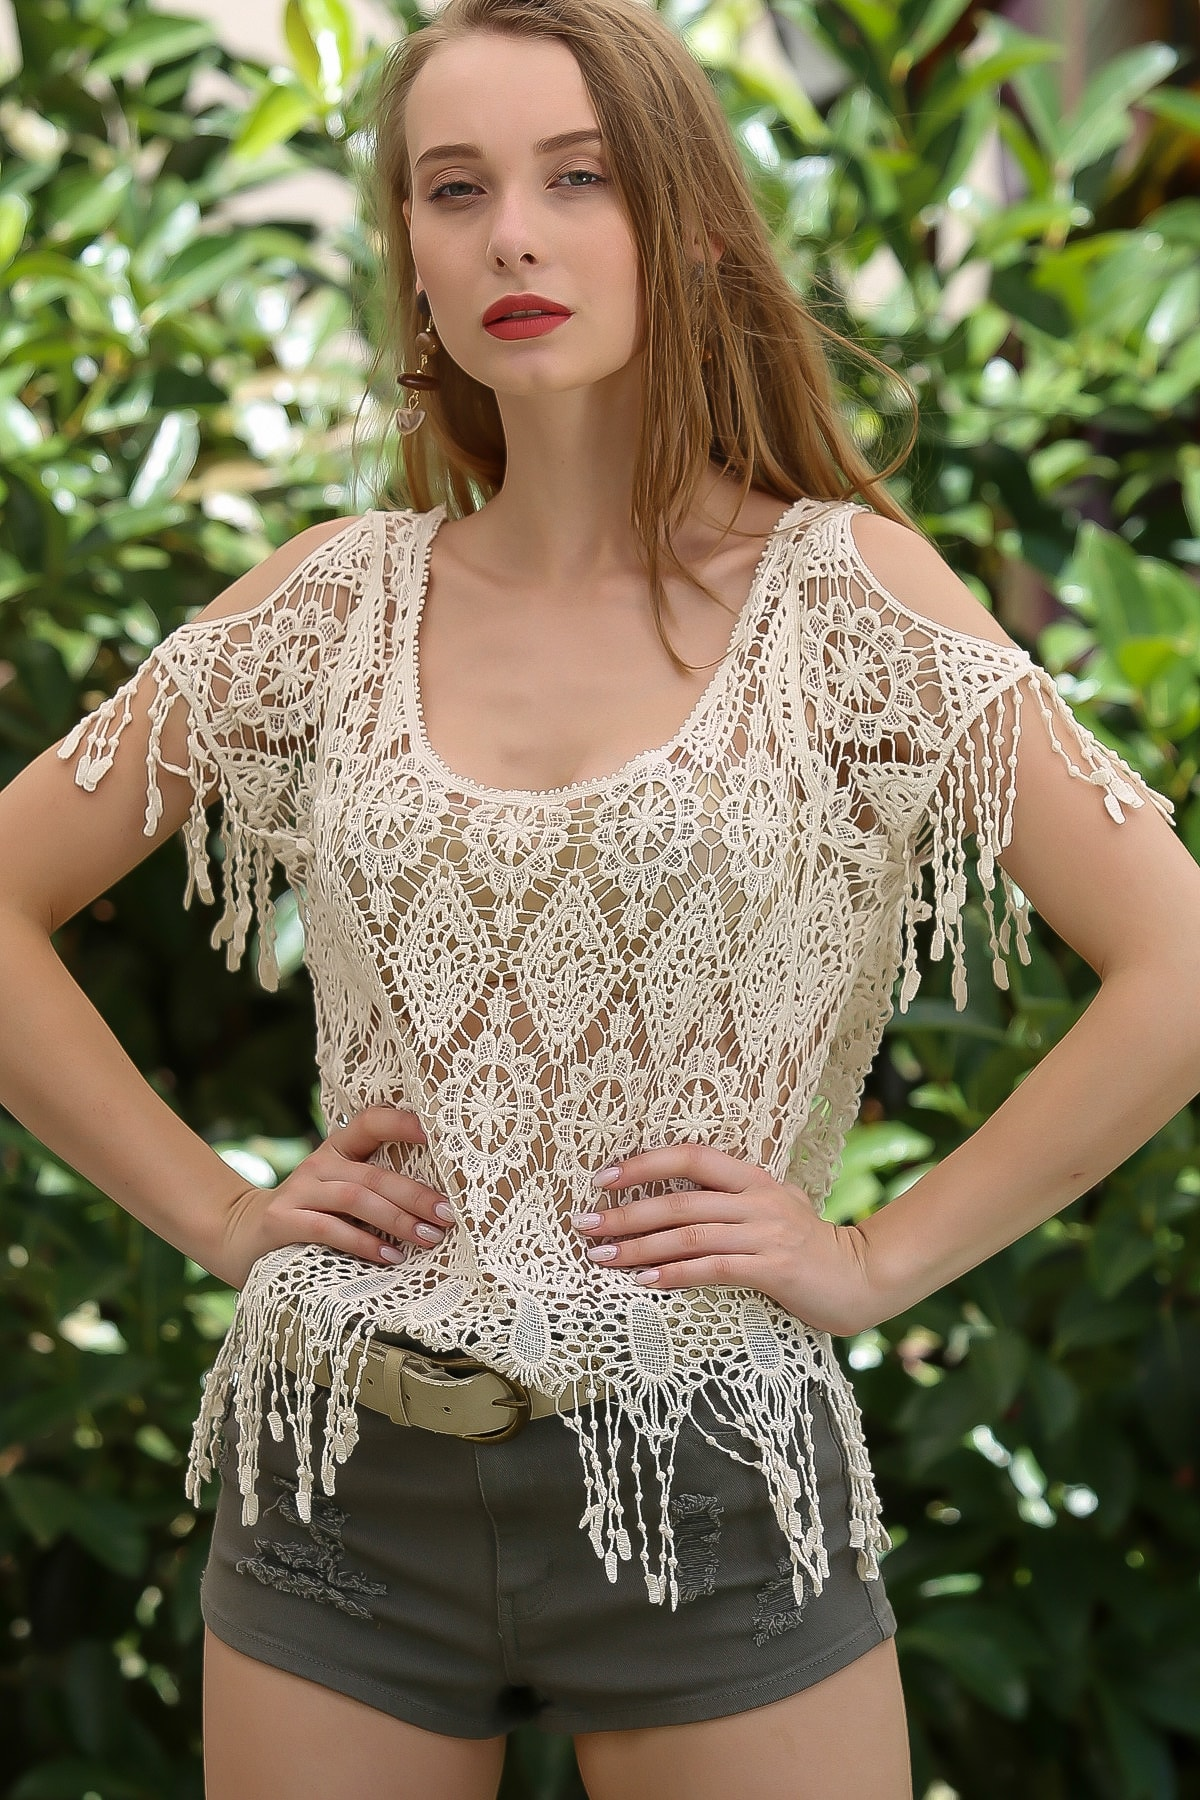 Chiccy Kadın Krem Vintage Çiçek Desenli Omuzları Pencereli Crop Tığ Işi Görünümlü Bluz M10010200BL96104 2